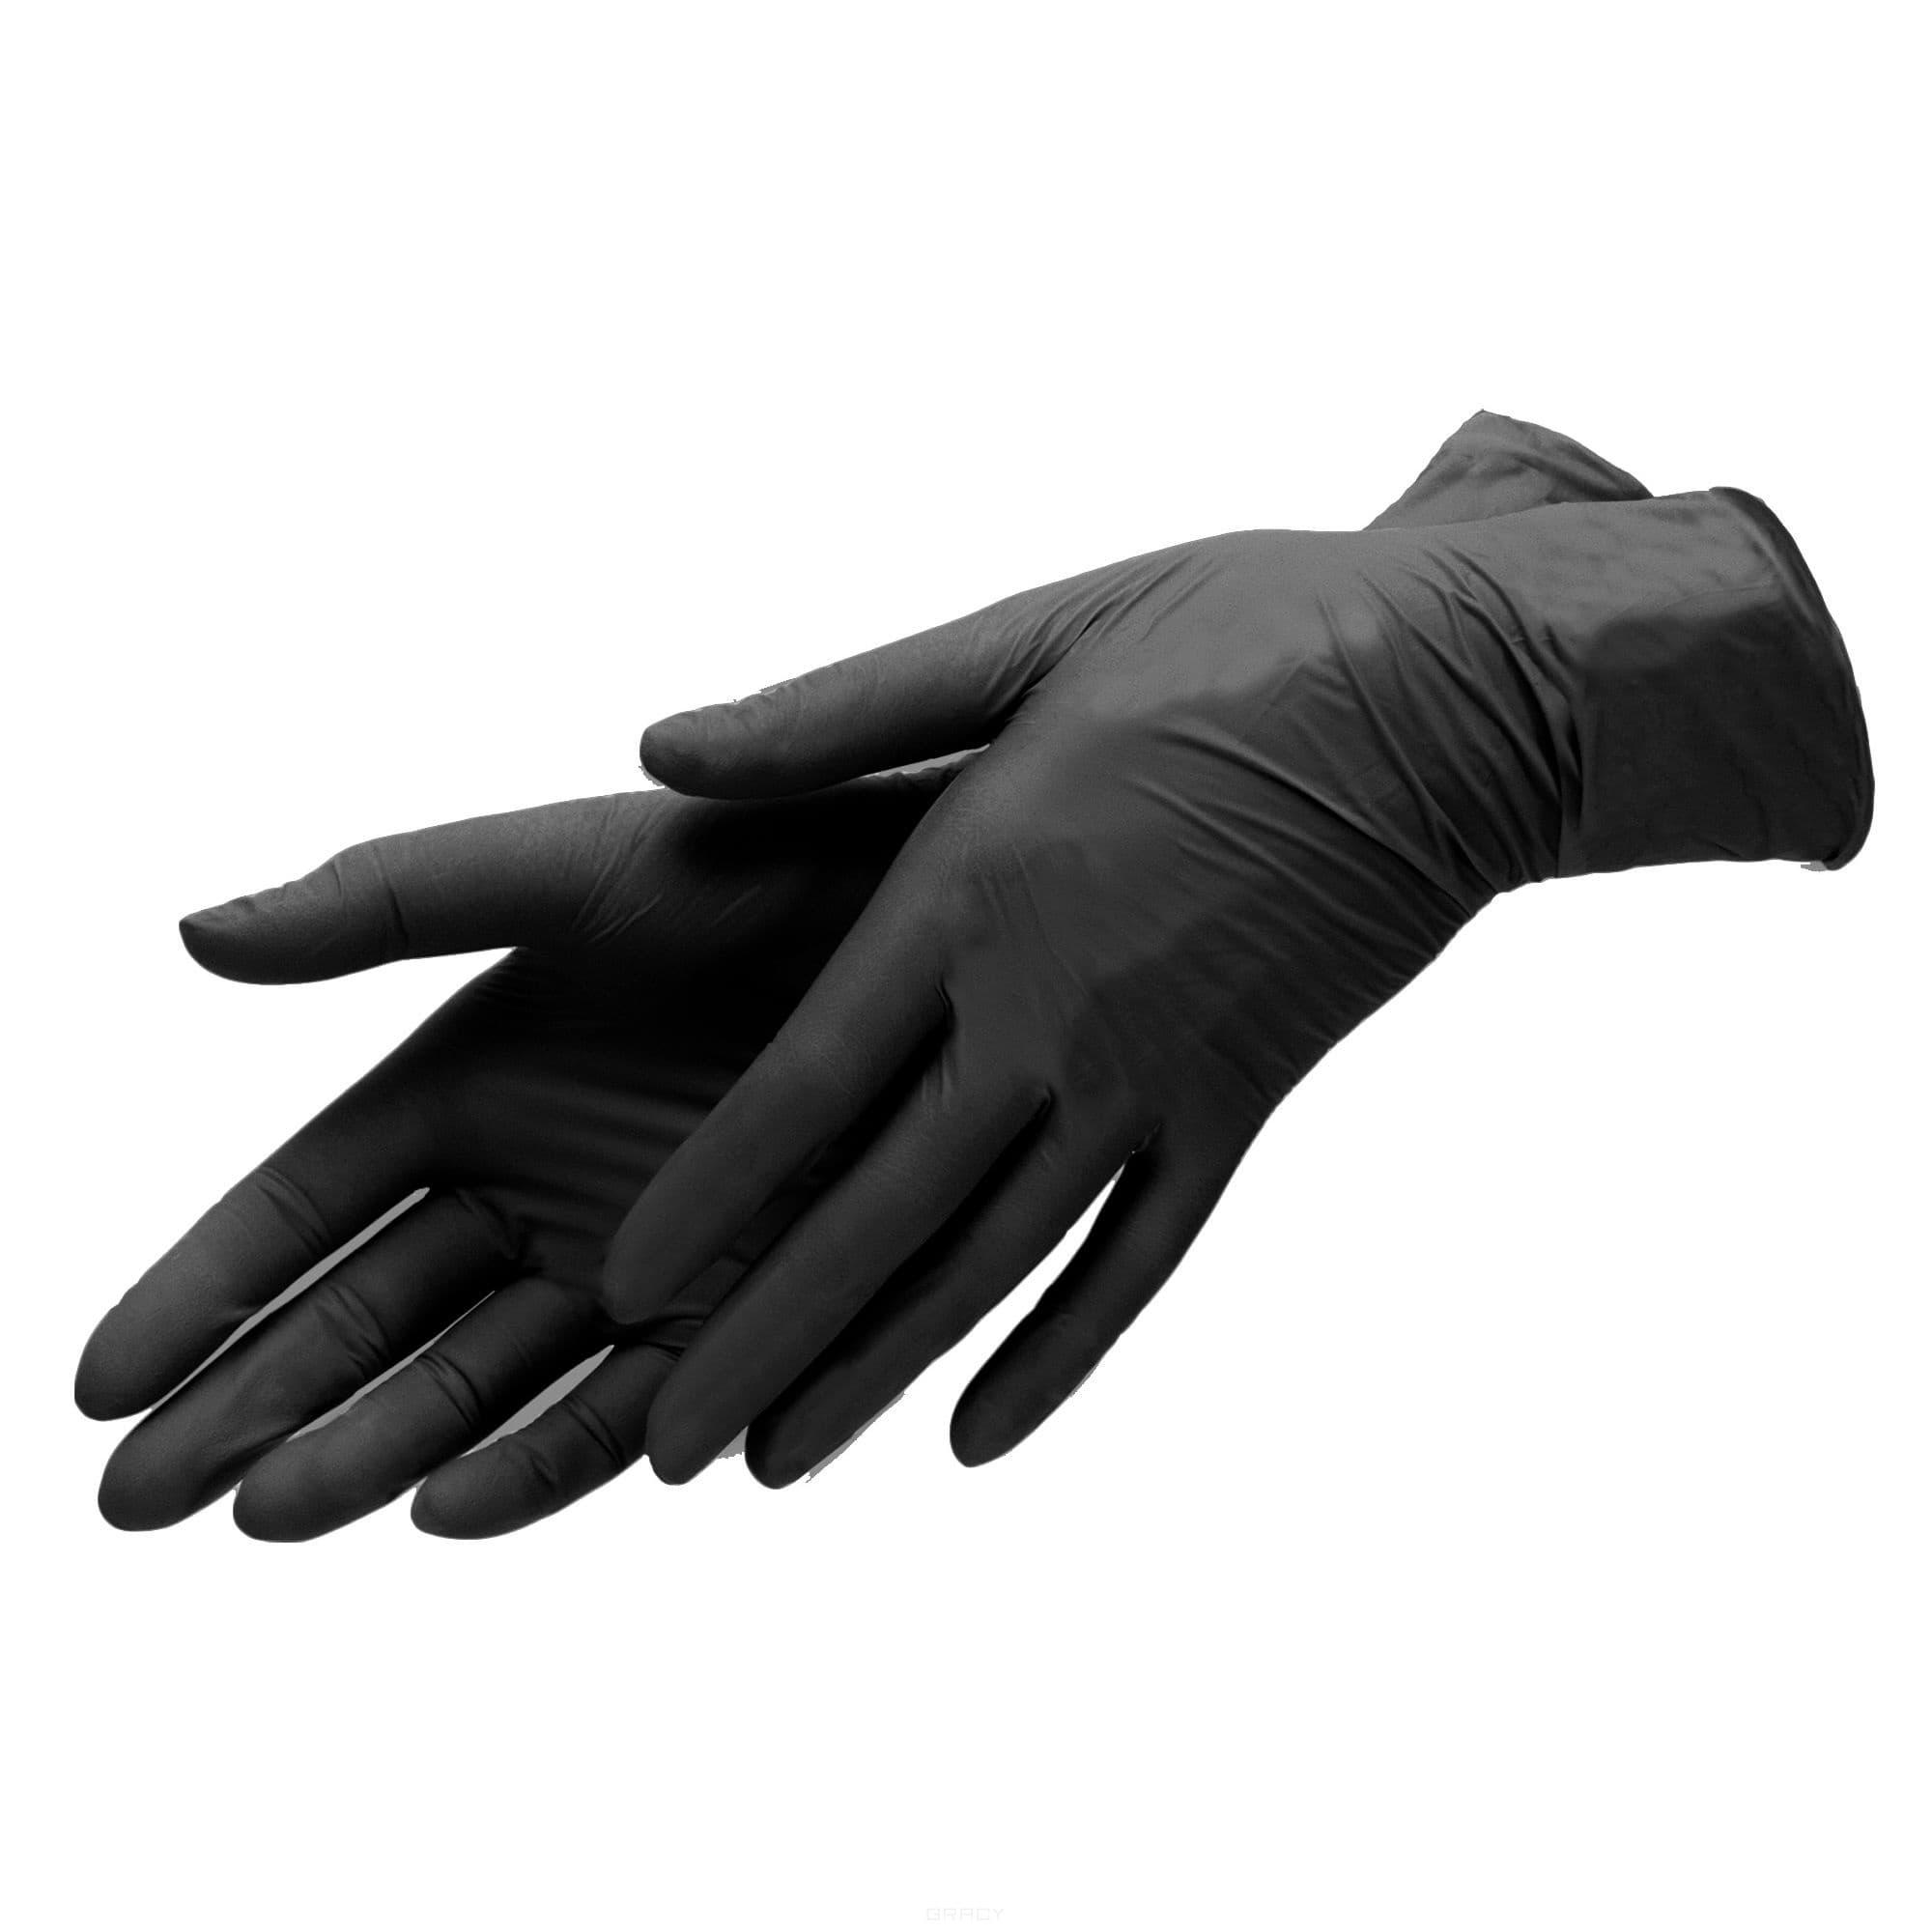 Planet Nails, Перчатки нитриловые, черные Планет Нейлс, 100шт/уп (2 размера), 100 шт/уп, размер М